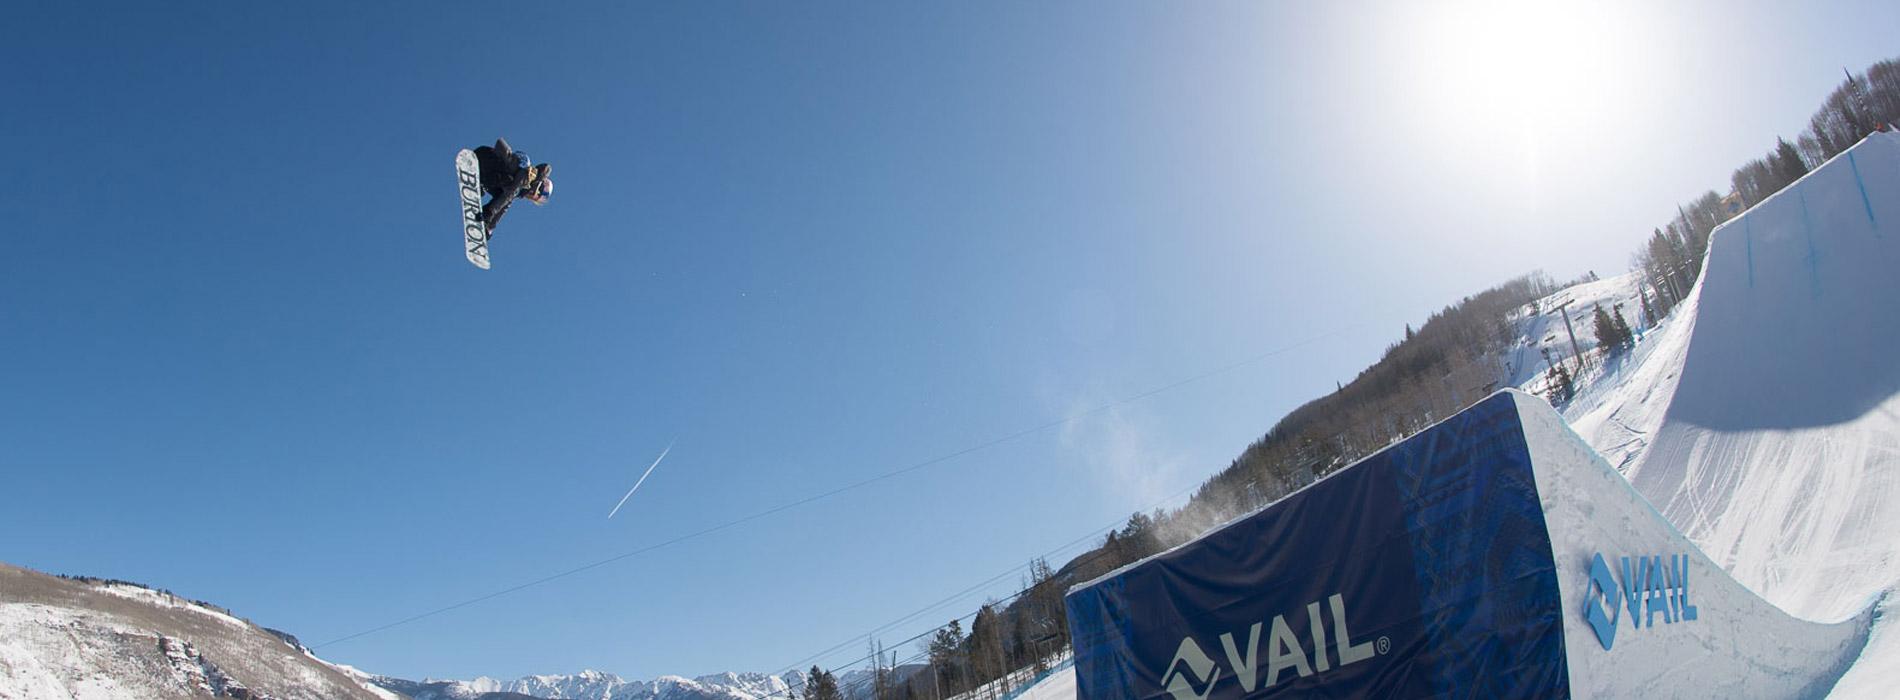 noleggio_sci_snowboard_cortina_d_ampezzo_laboratorio-007